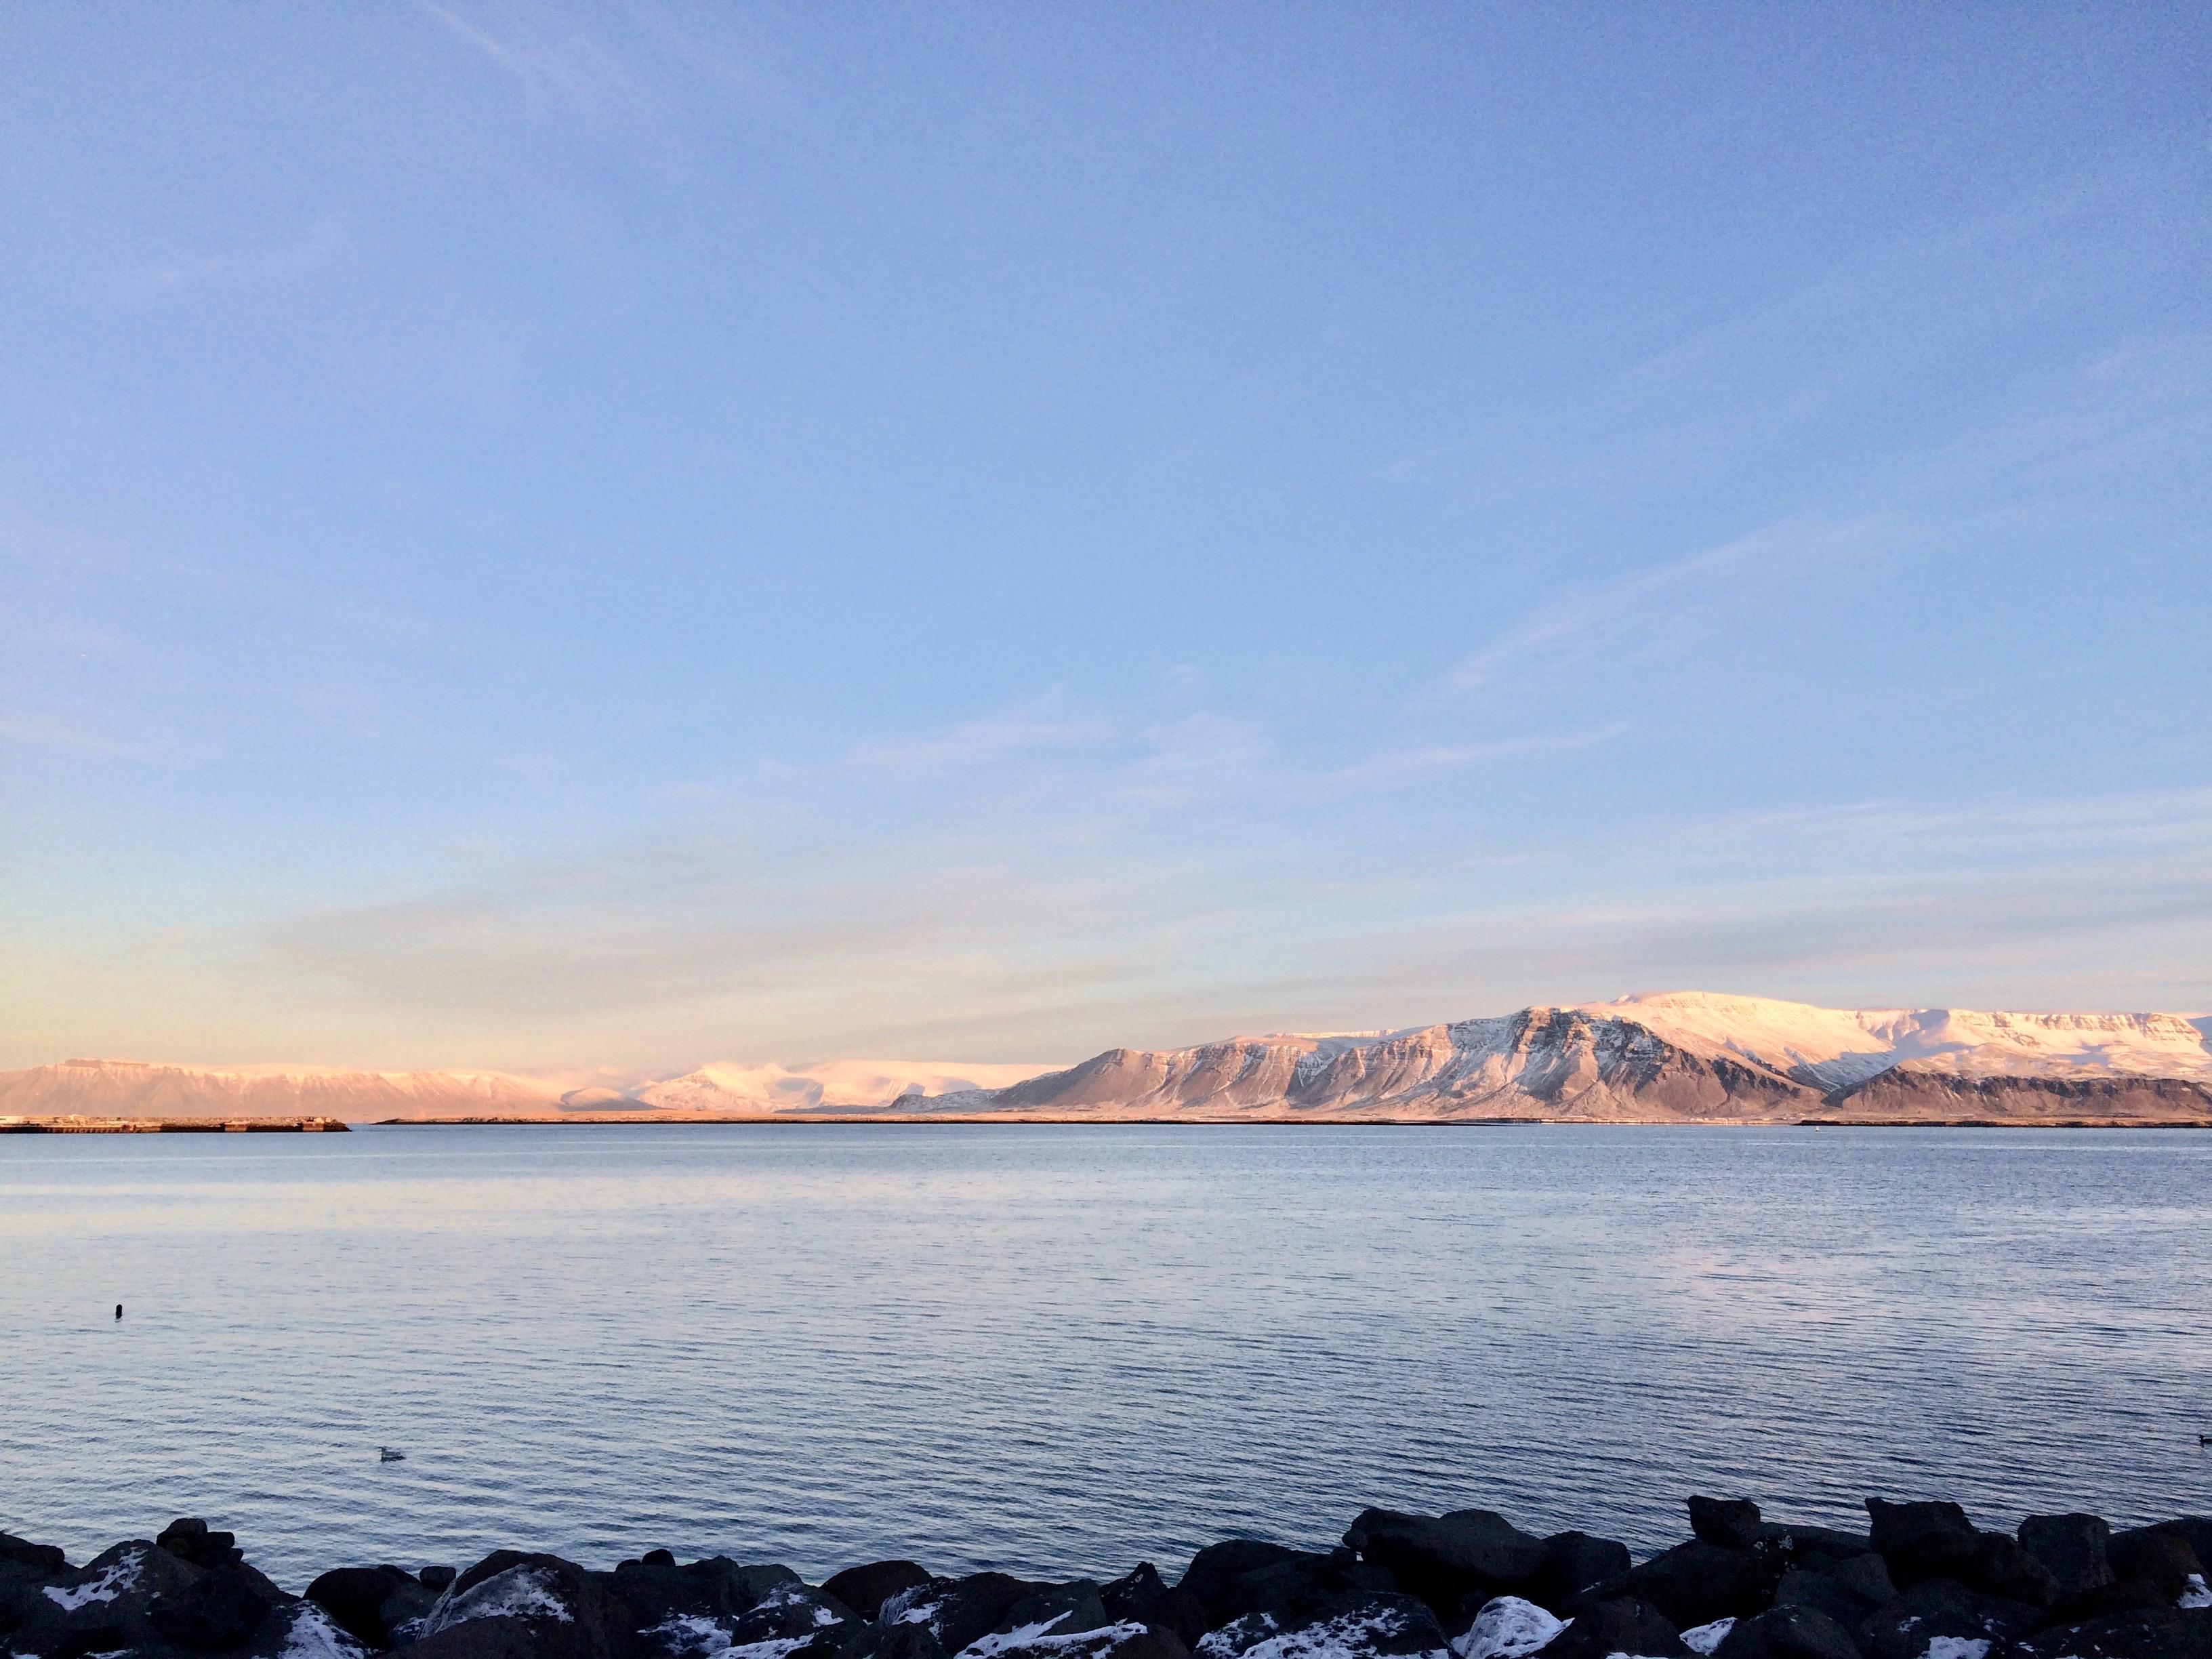 Landscape view from Reykjavik Harbour